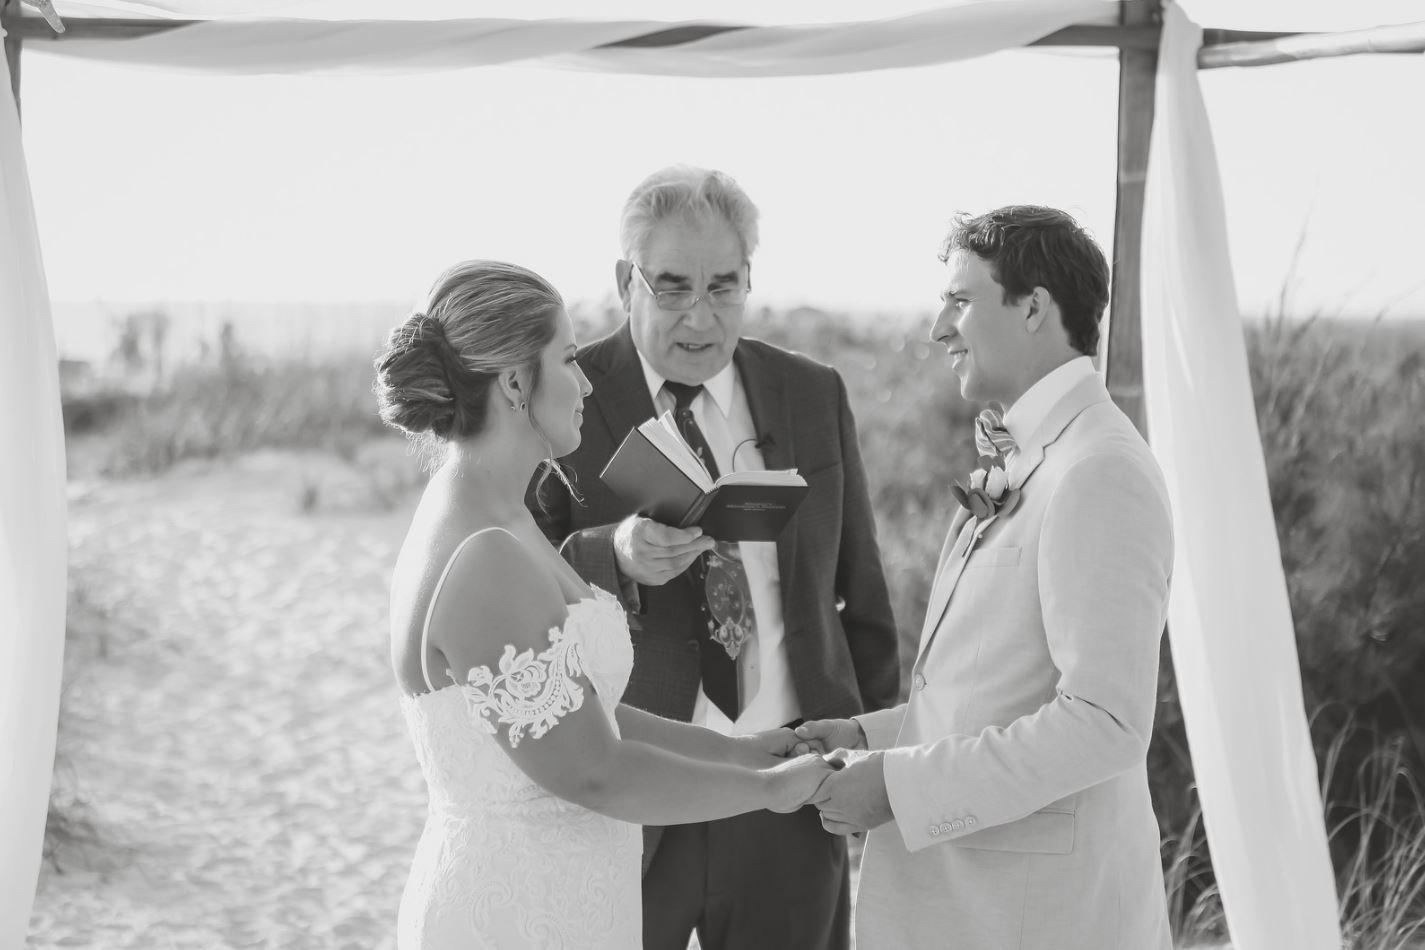 Jaime_wedding_photographer_021.JPG